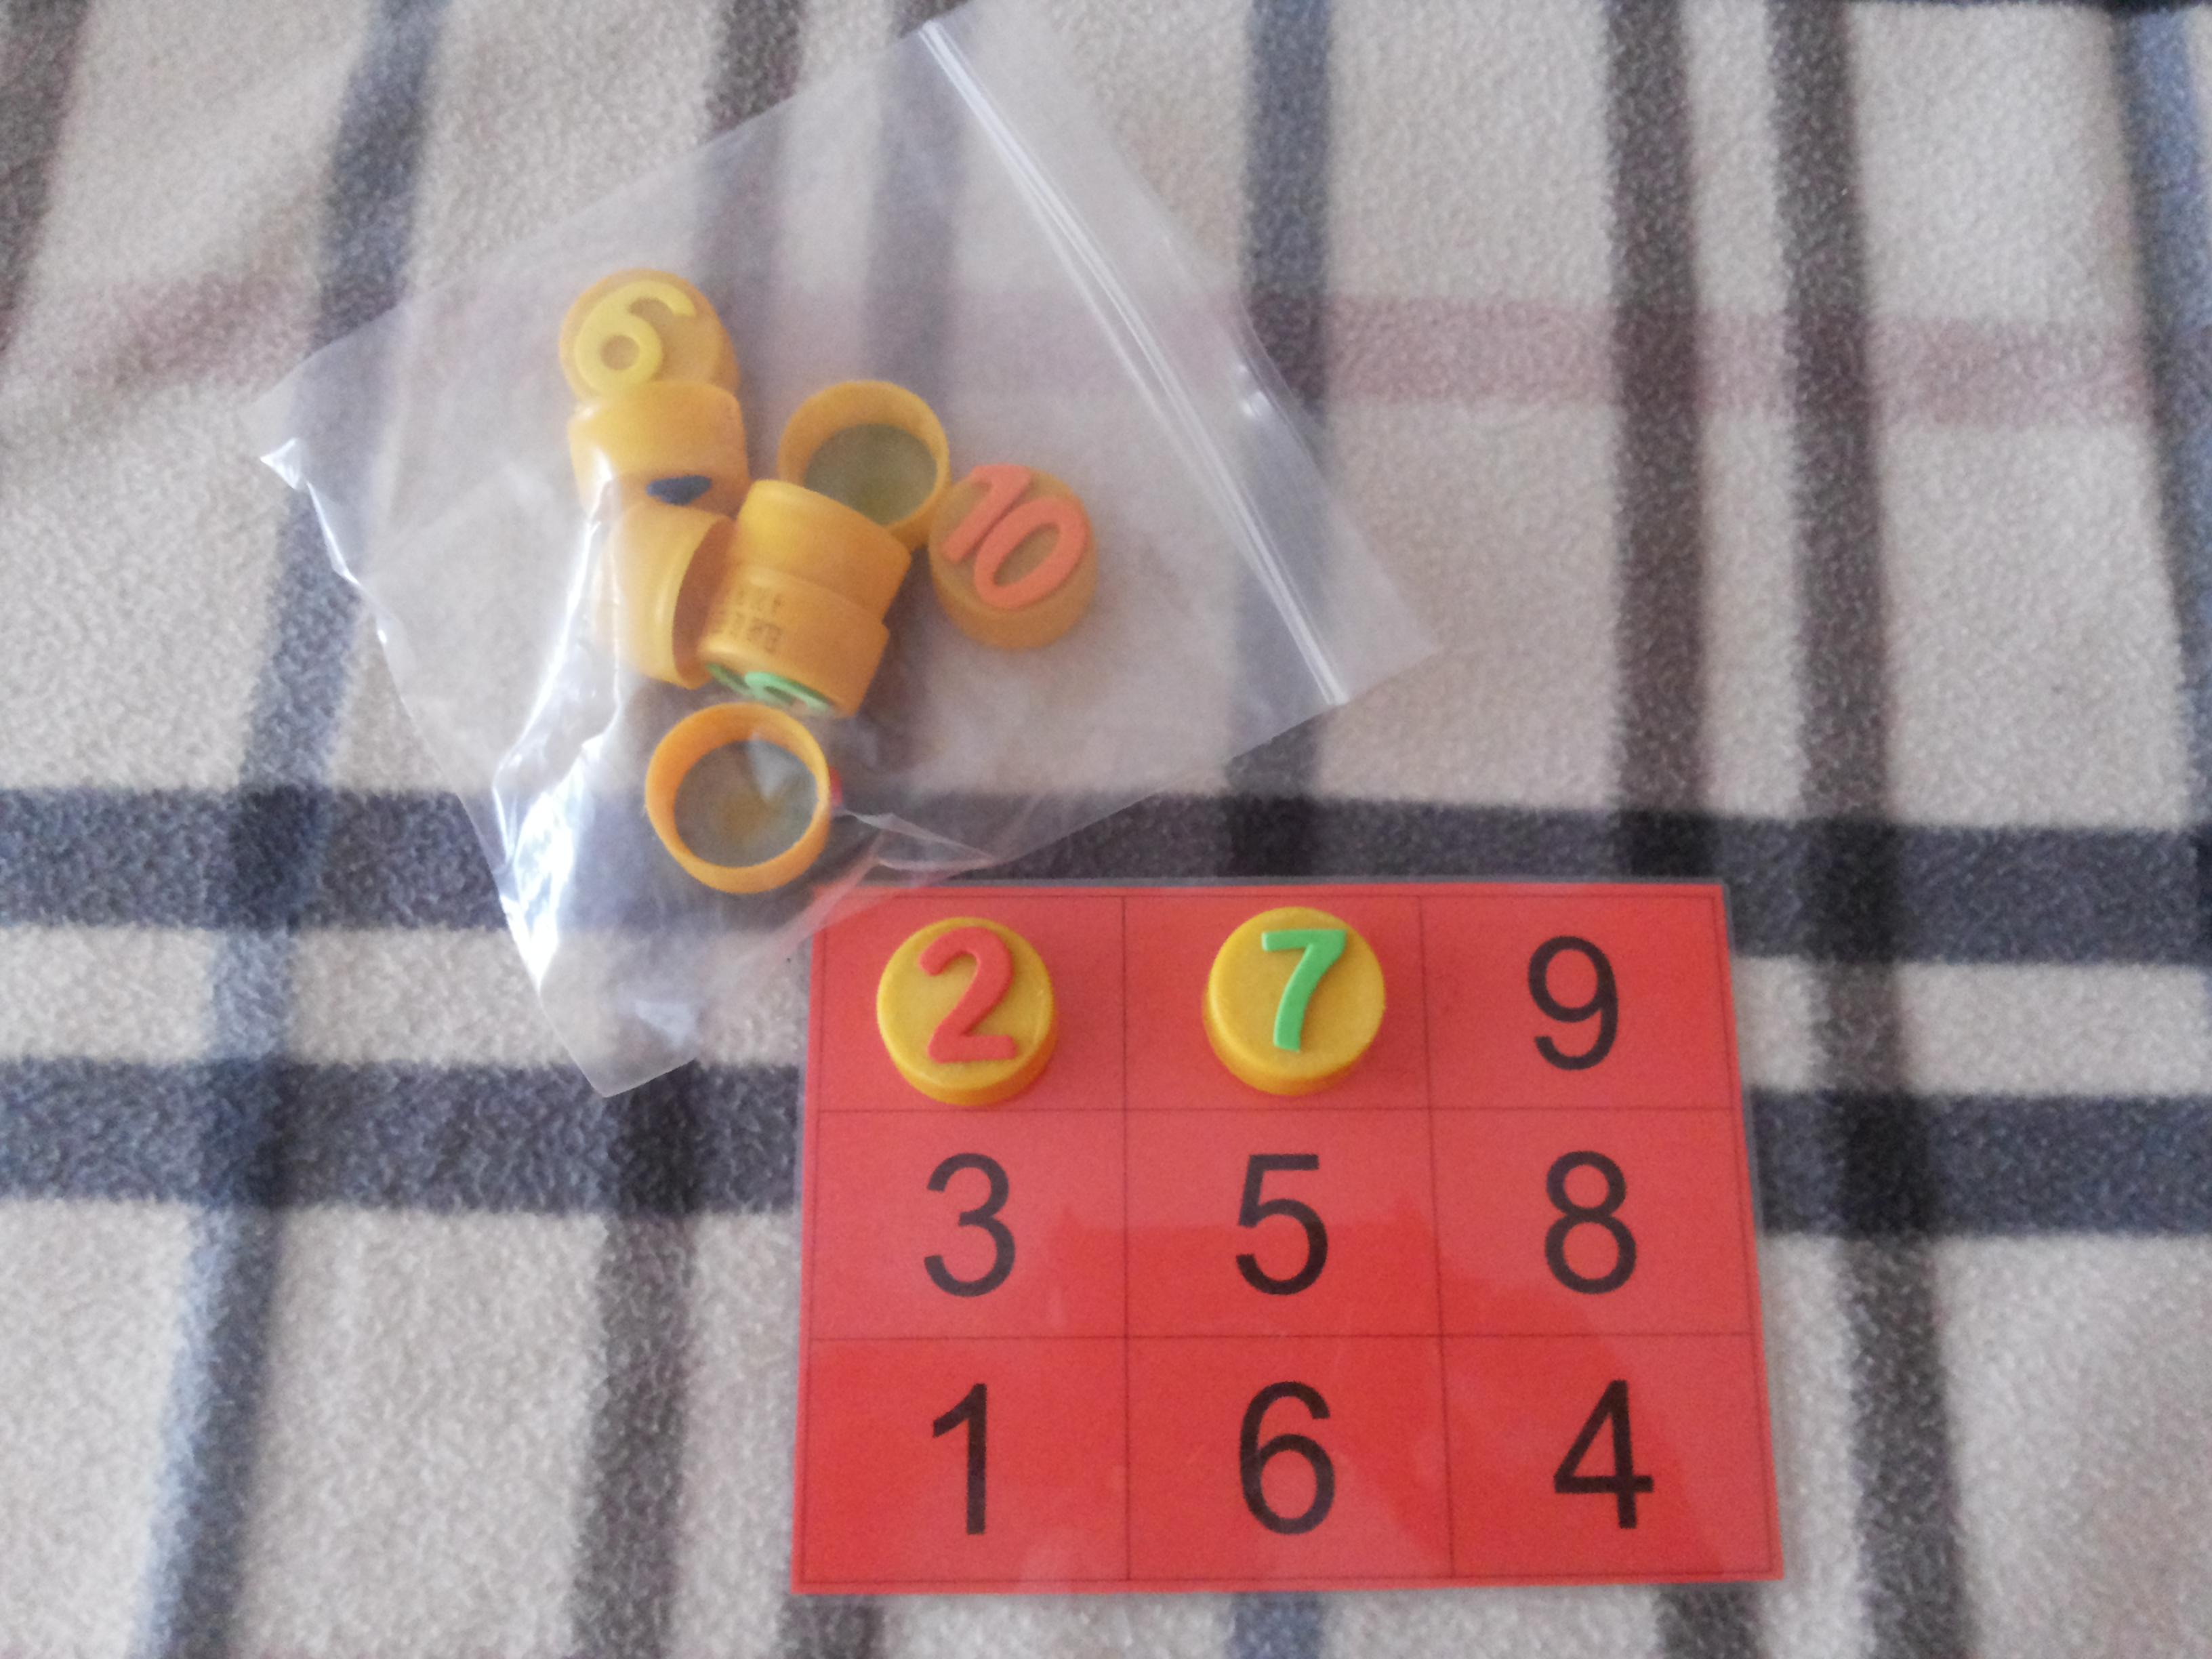 tarjetanumeros1